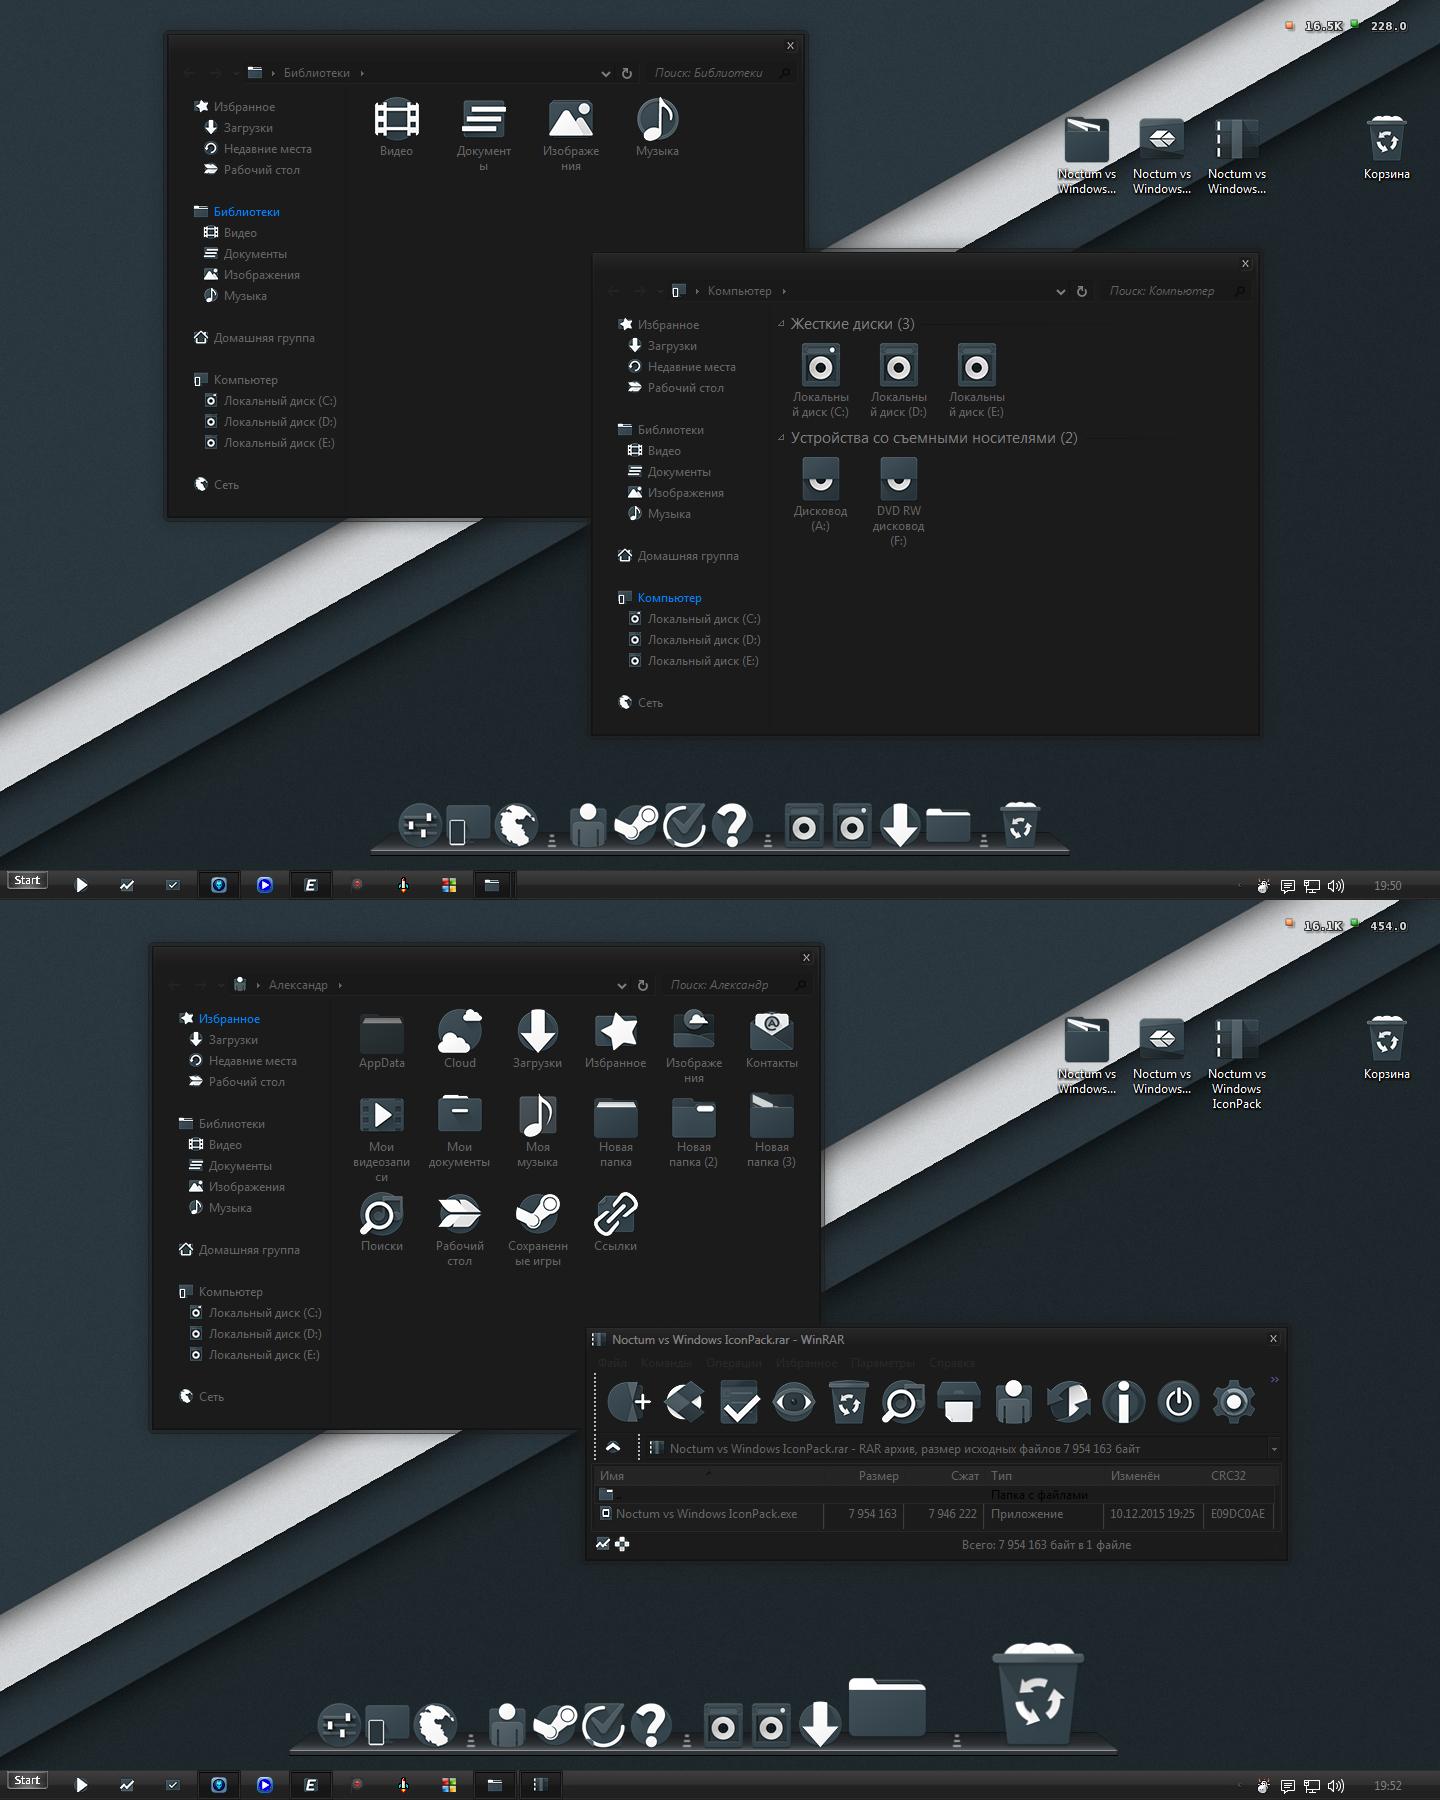 Noctum vs Windows IconPack